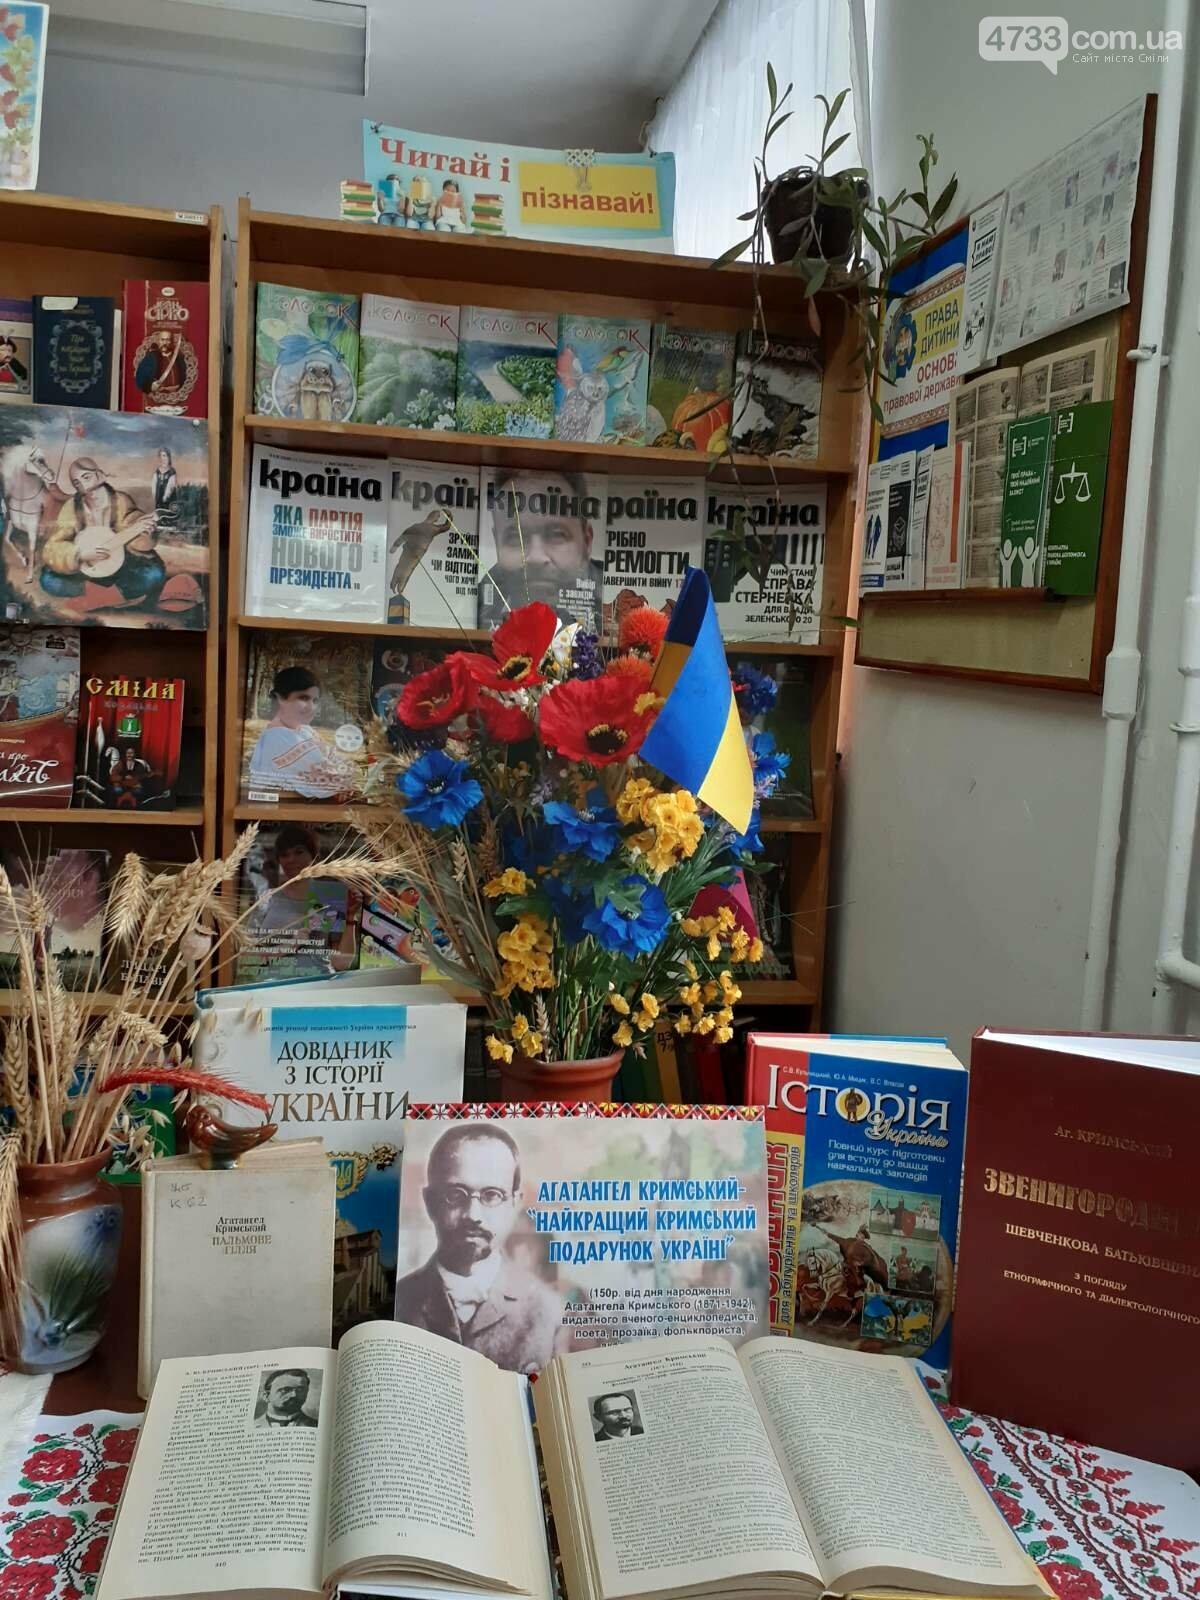 У дитячій бібліотеці організували виставку: «Агатангел Кримський - найкращий кримський подарунок Україні», фото-2